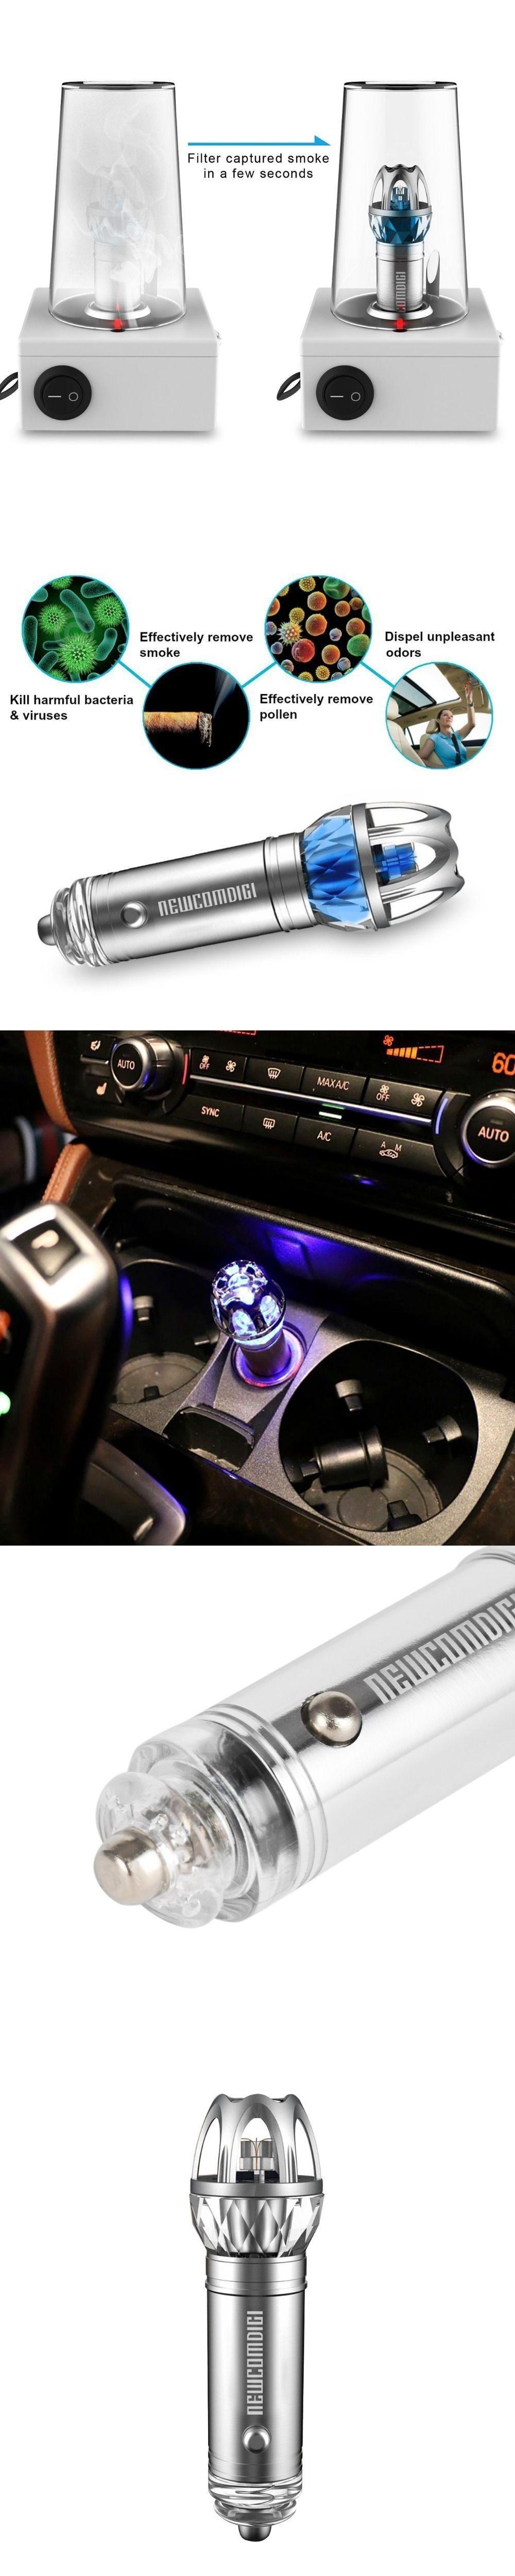 Avoid Car Repair and Service Scams Car air purifier, Air